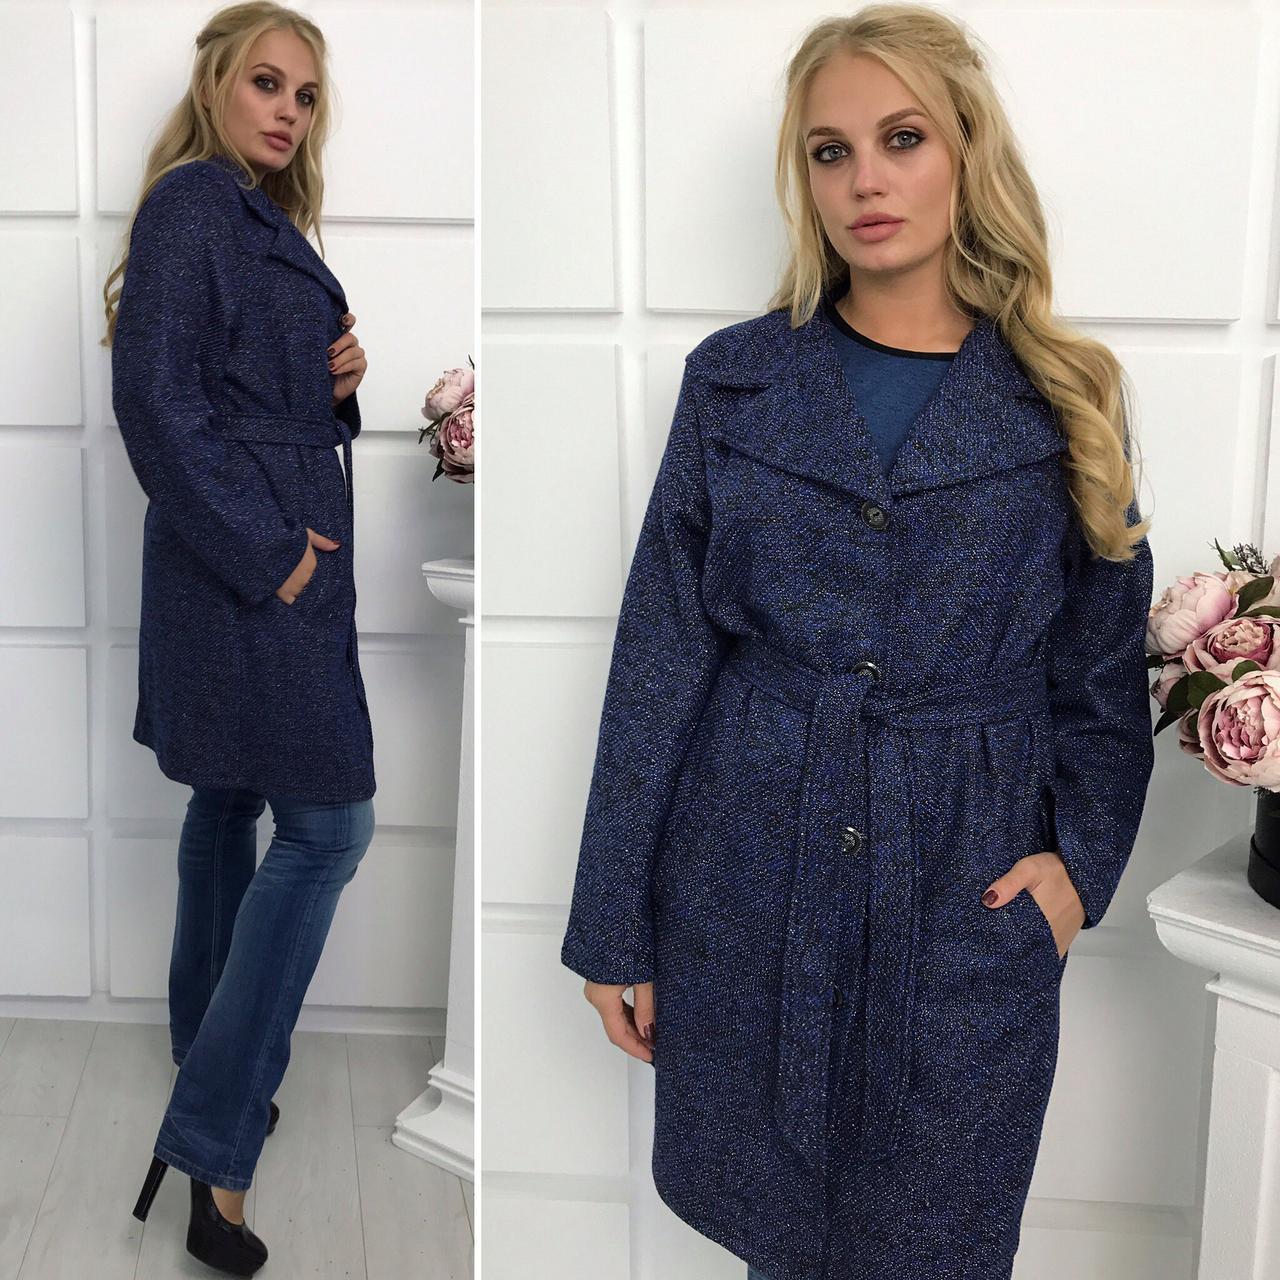 Кардиган женский в расцветках 27462  Интернет-магазин модной женской ... 65a826d439e